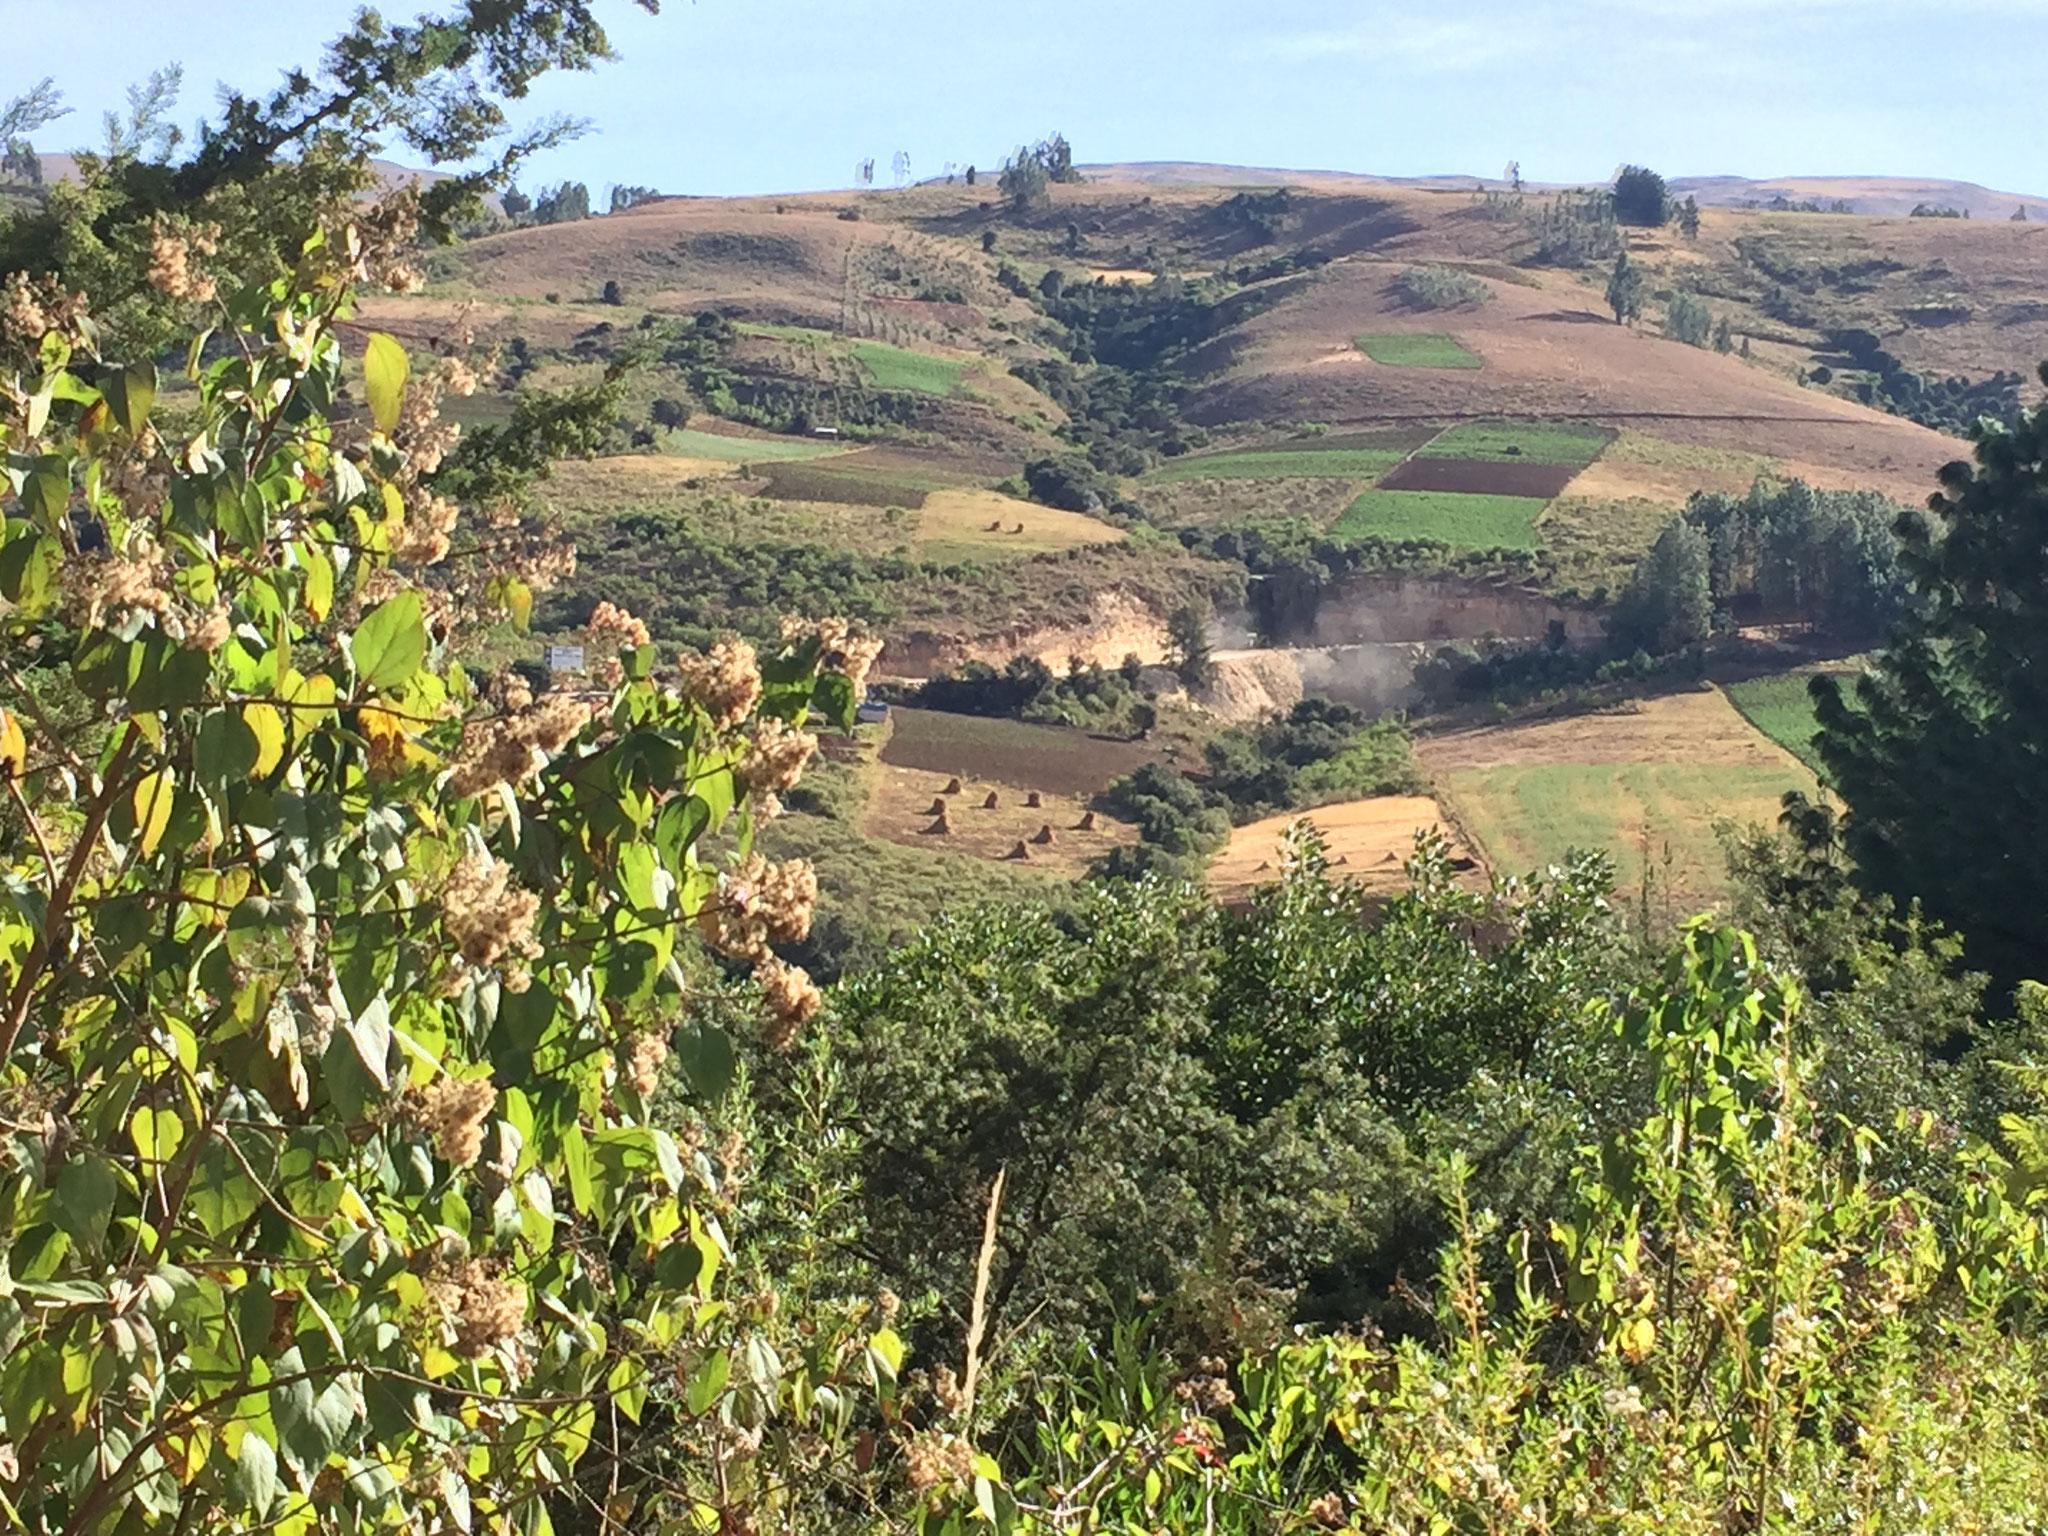 Richtung Chochabamba